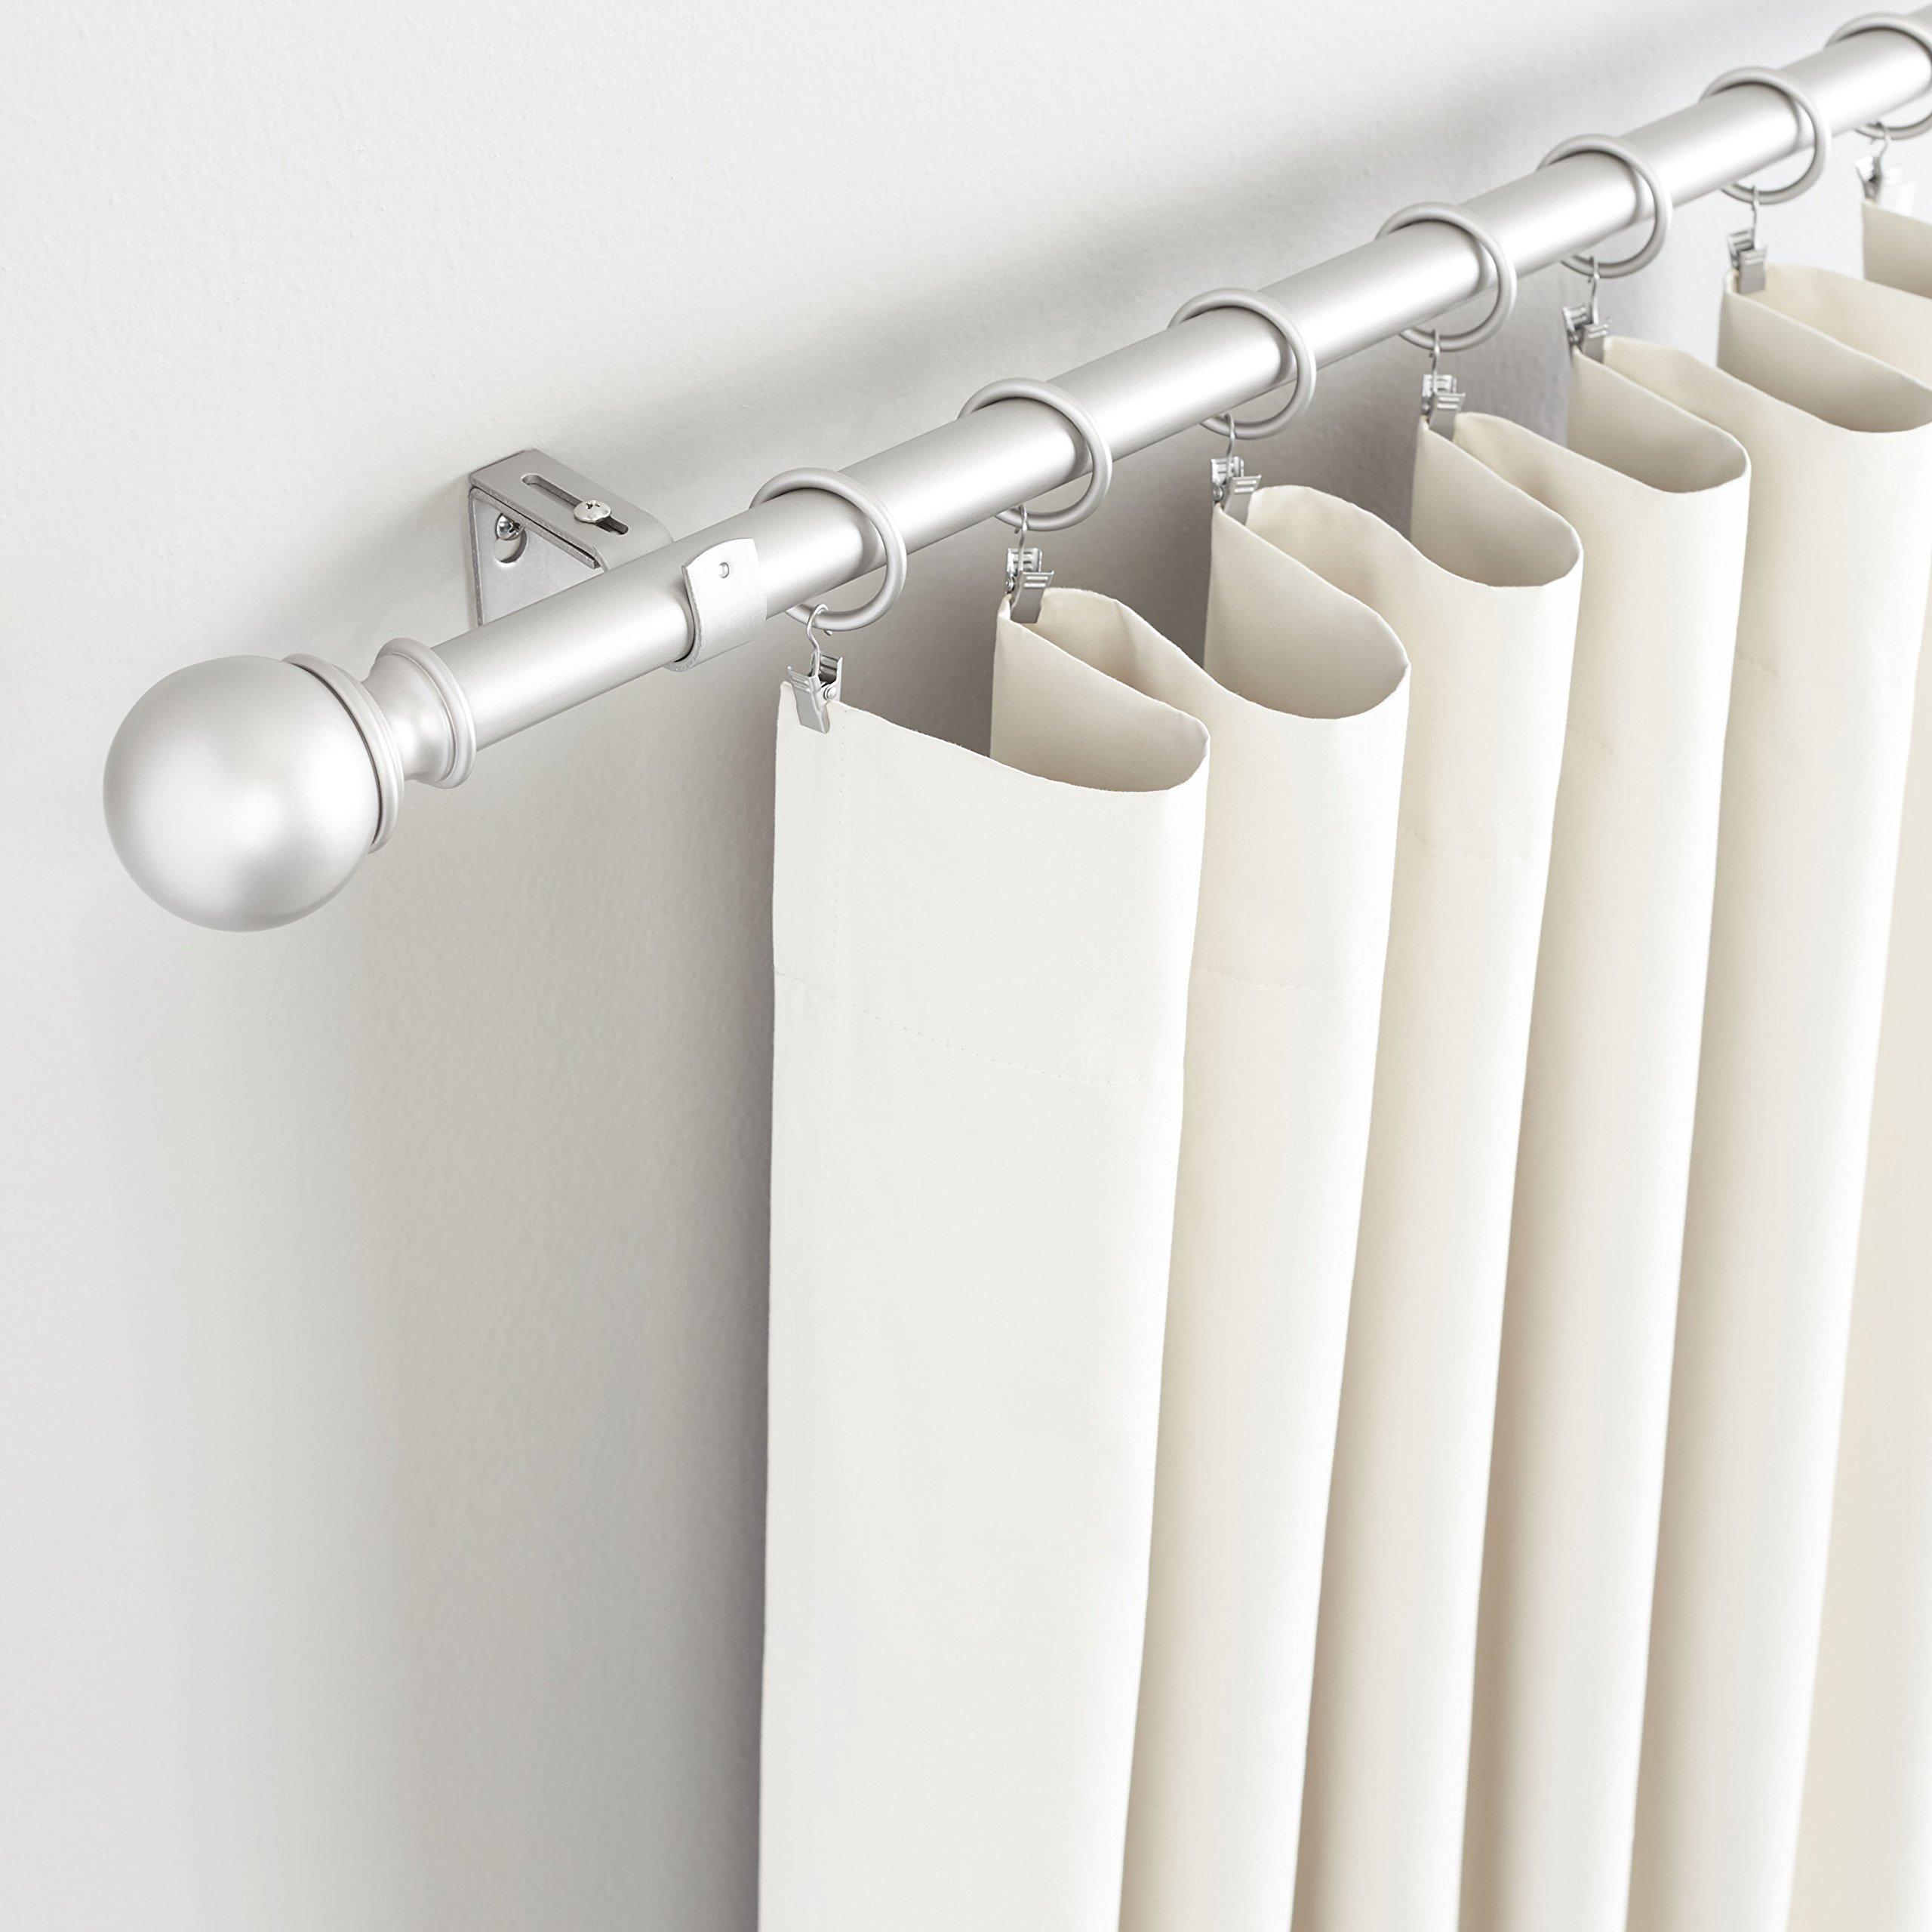 AmazonBasics 1'' Curtain Rod with Round Finials, 72'' to 144'', Nickel by AmazonBasics (Image #2)